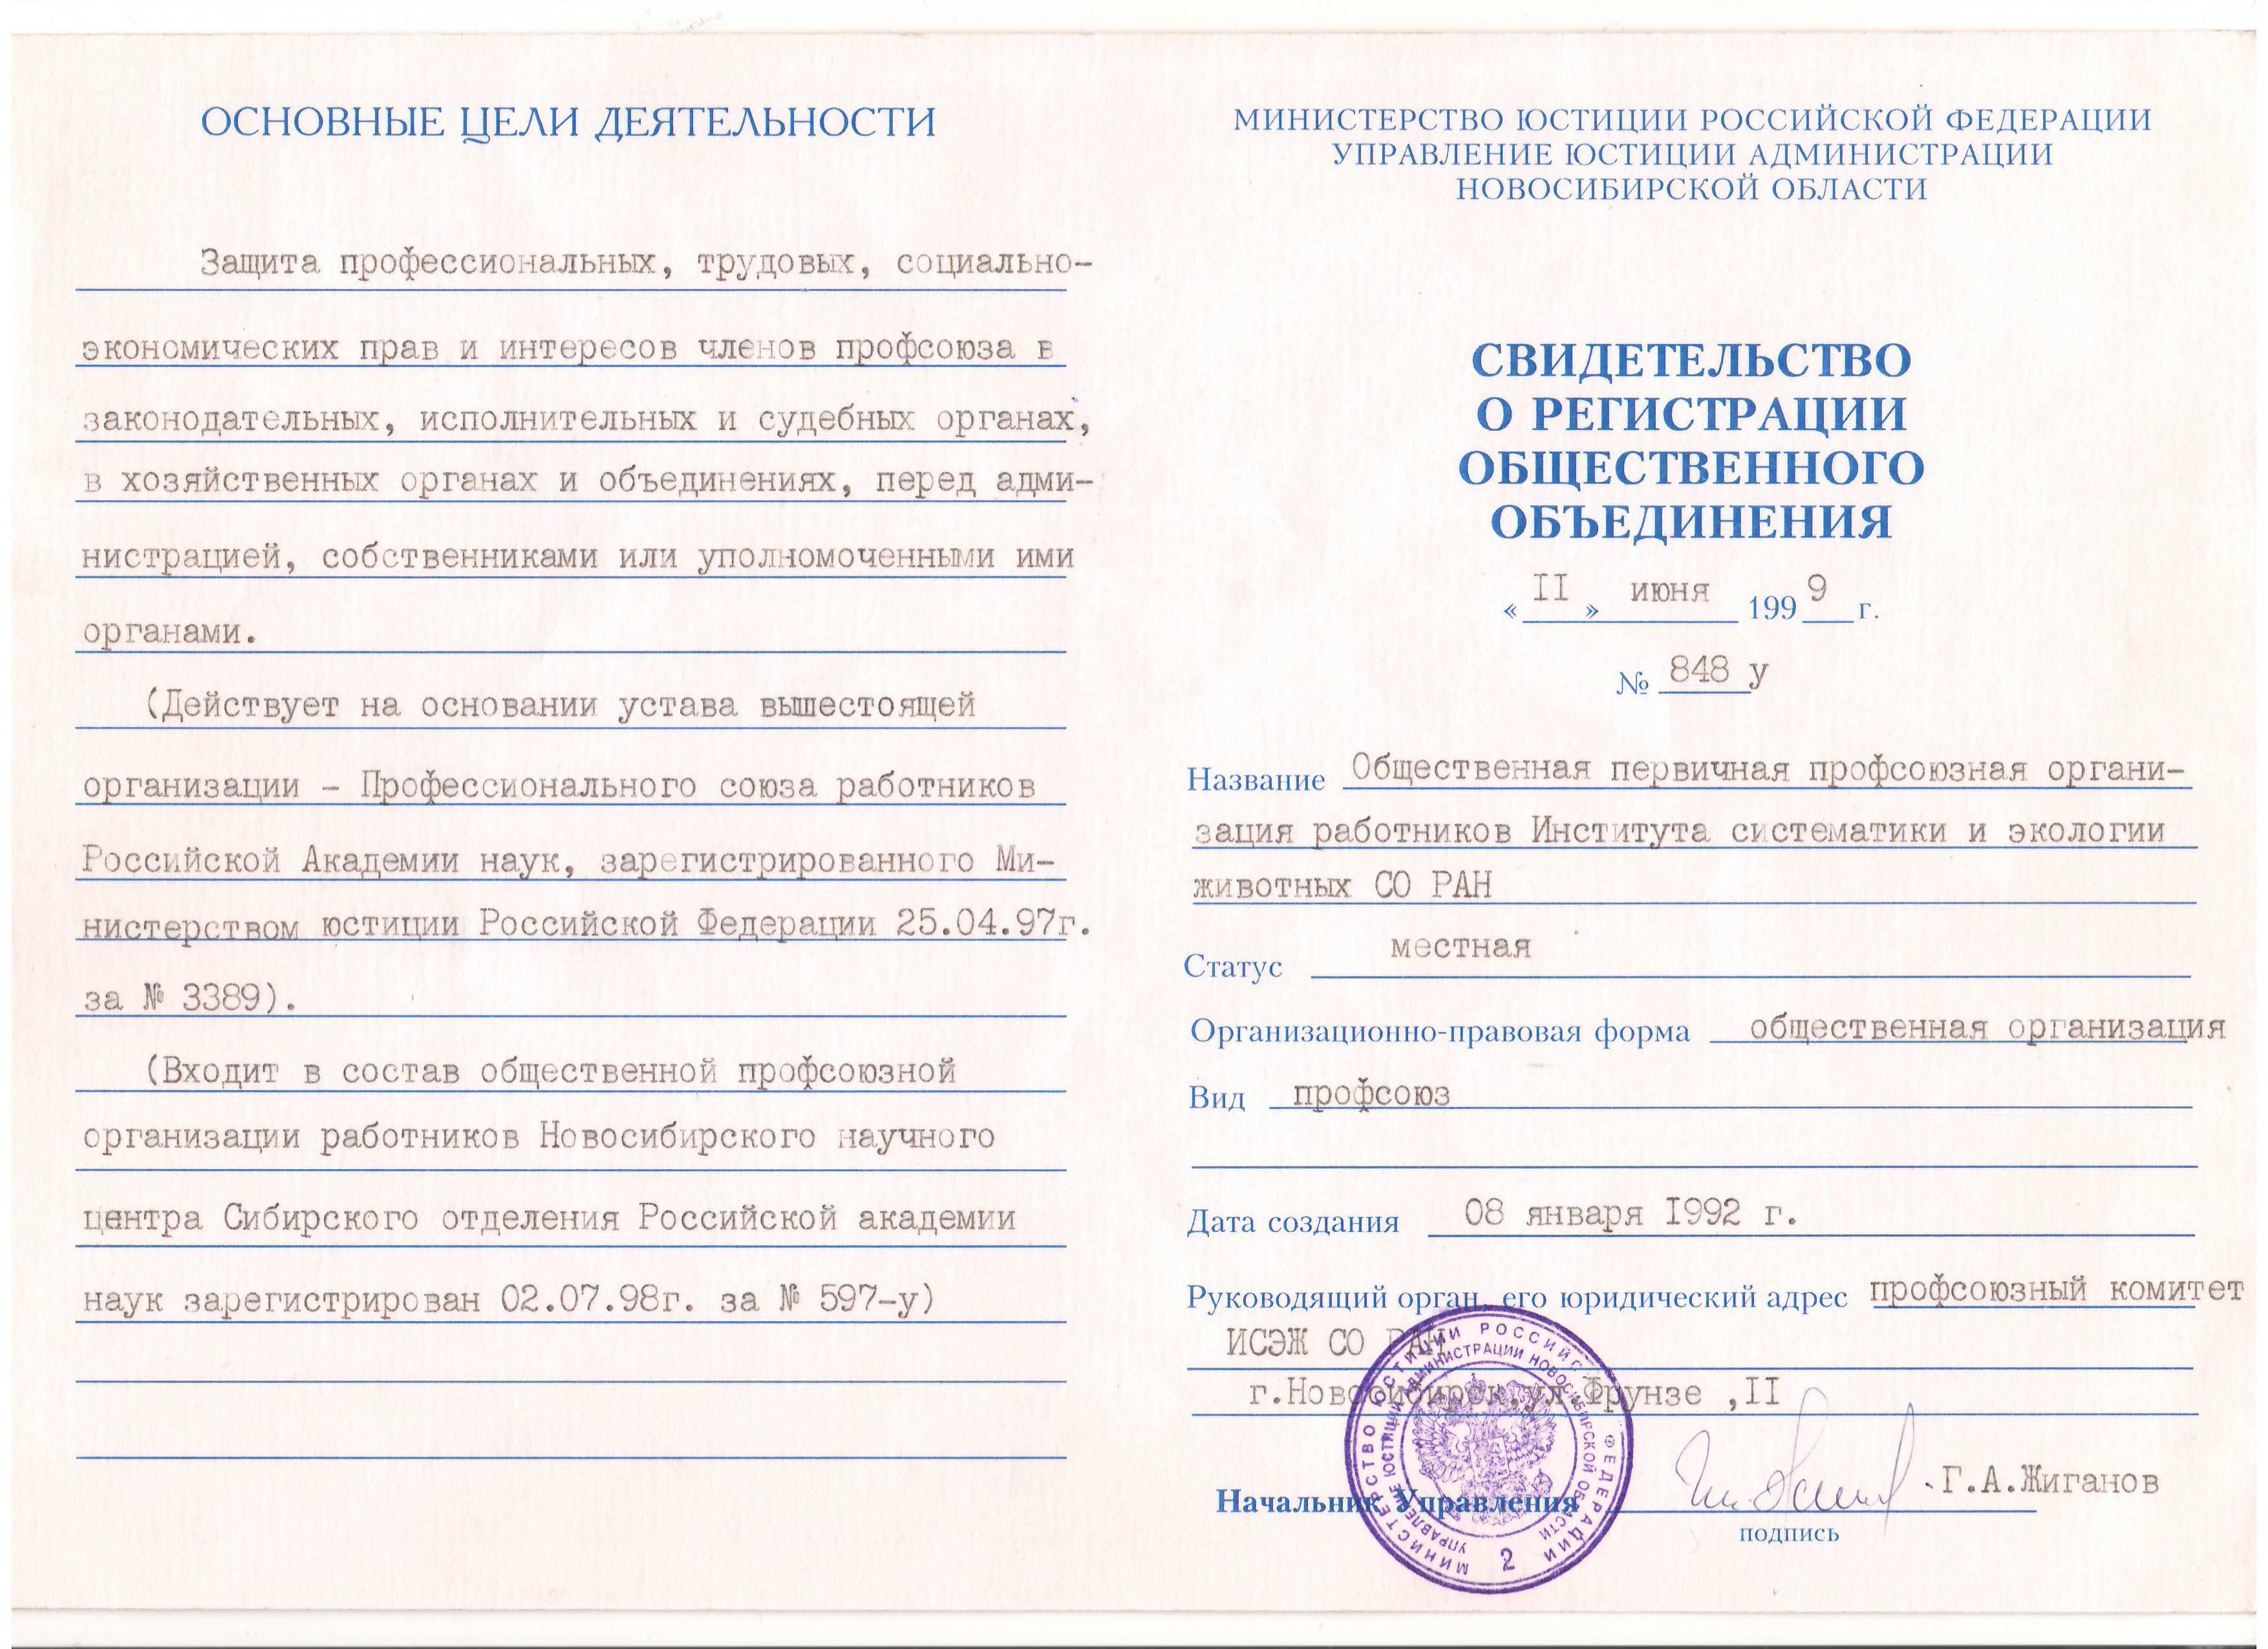 Институт Документы Образец заявления на вступление в члены профсоюза Файл Свидетельство о регистрации общественного объединения Файл